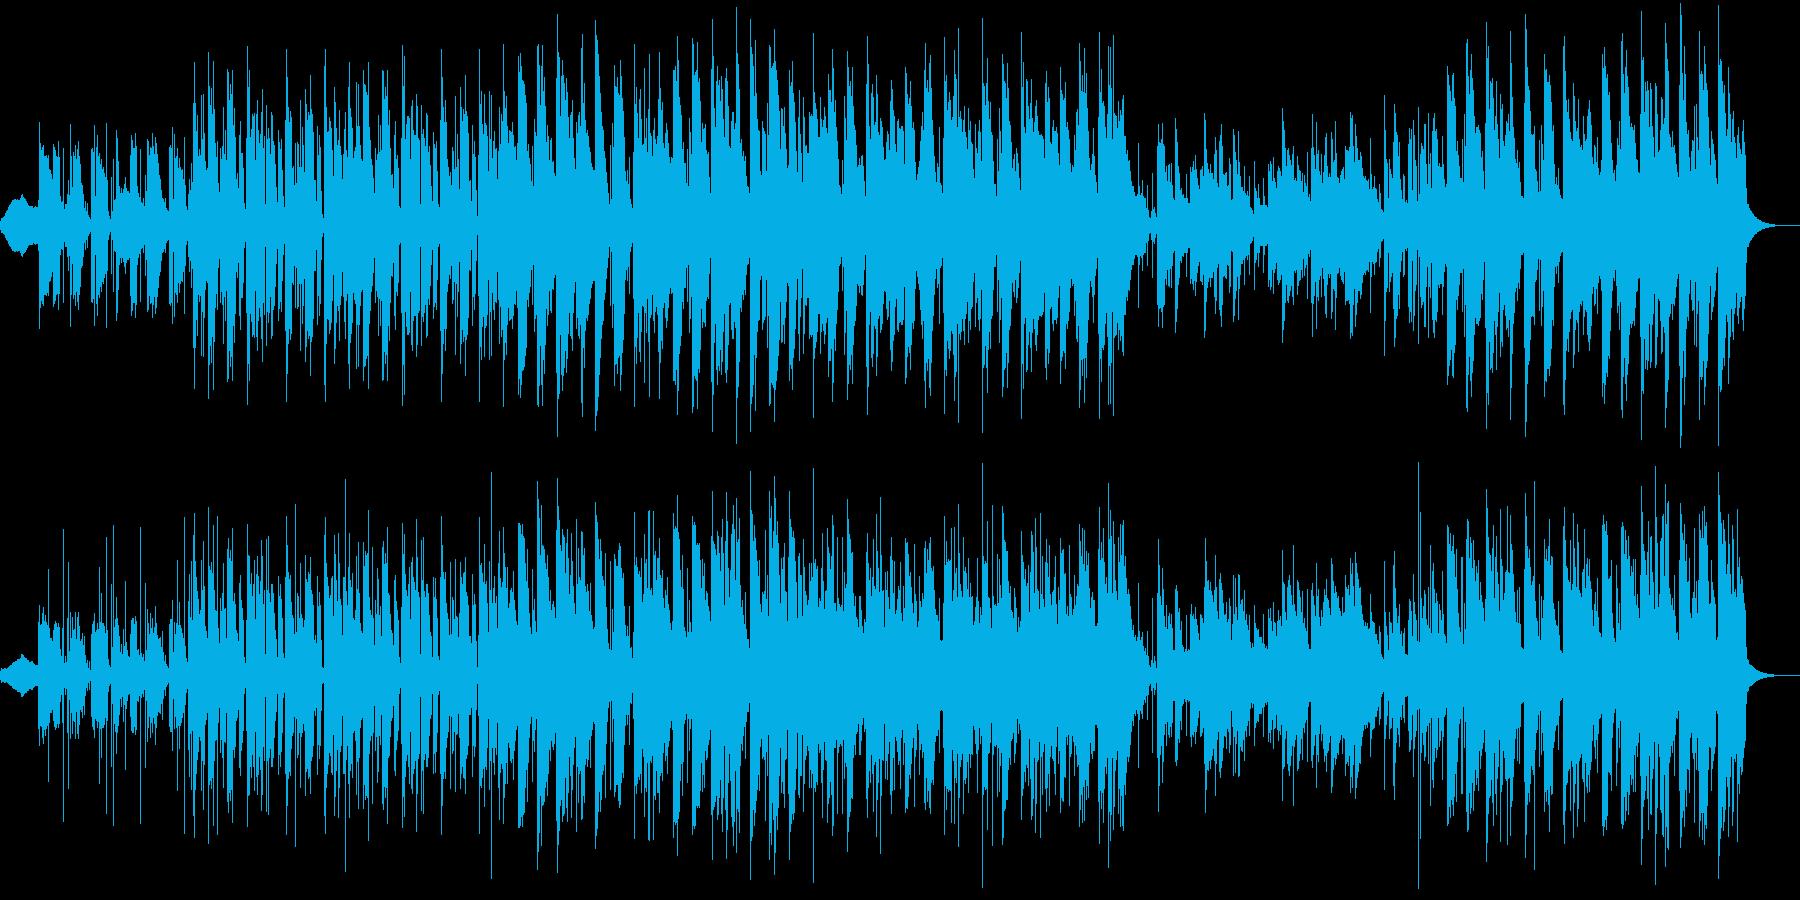 怪しげな雰囲気のインド音楽の再生済みの波形